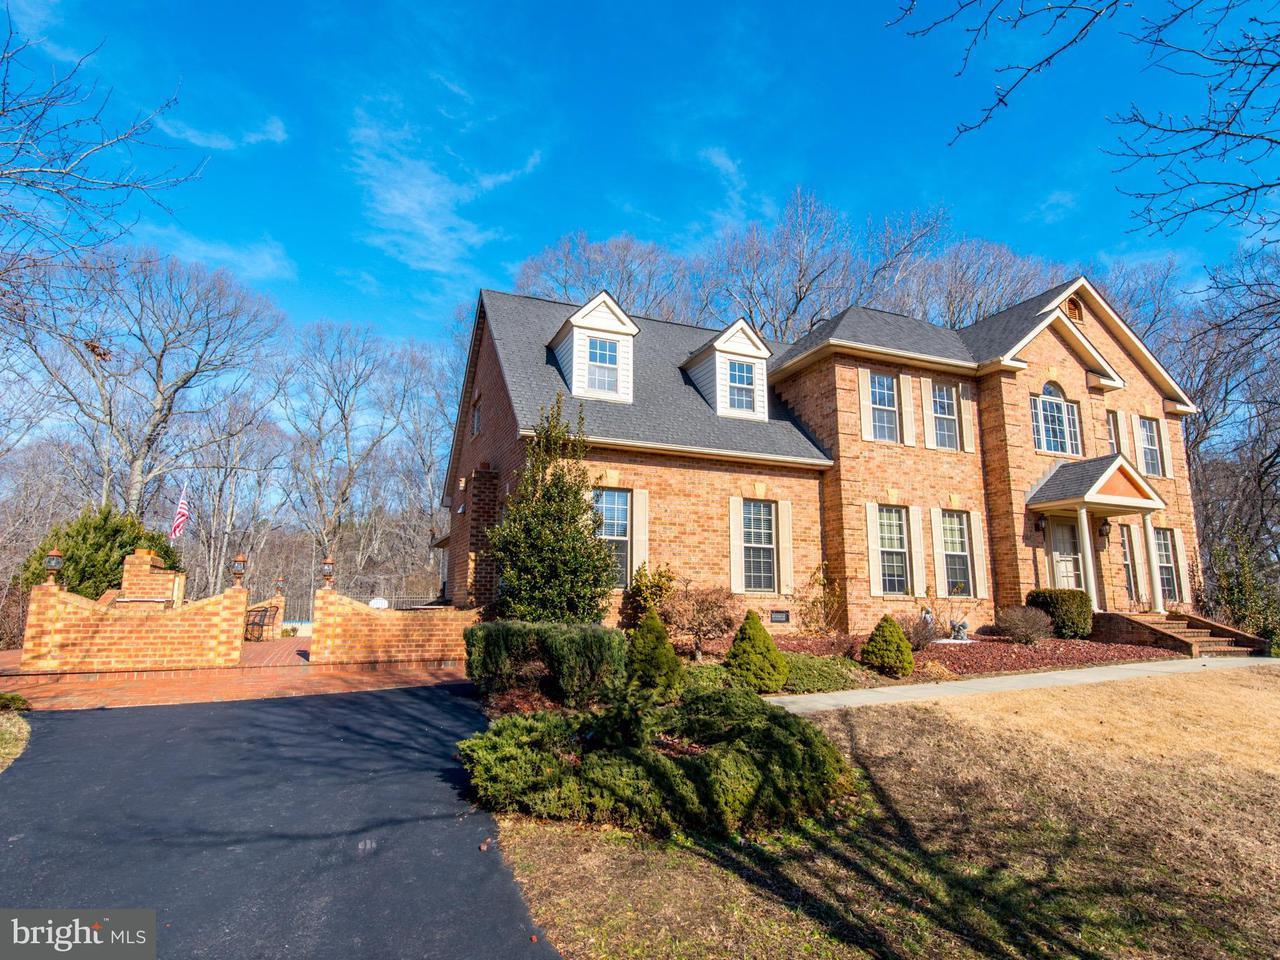 Maison unifamiliale pour l Vente à 16700 Swanson Cove Court 16700 Swanson Cove Court Hughesville, Maryland 20637 États-Unis